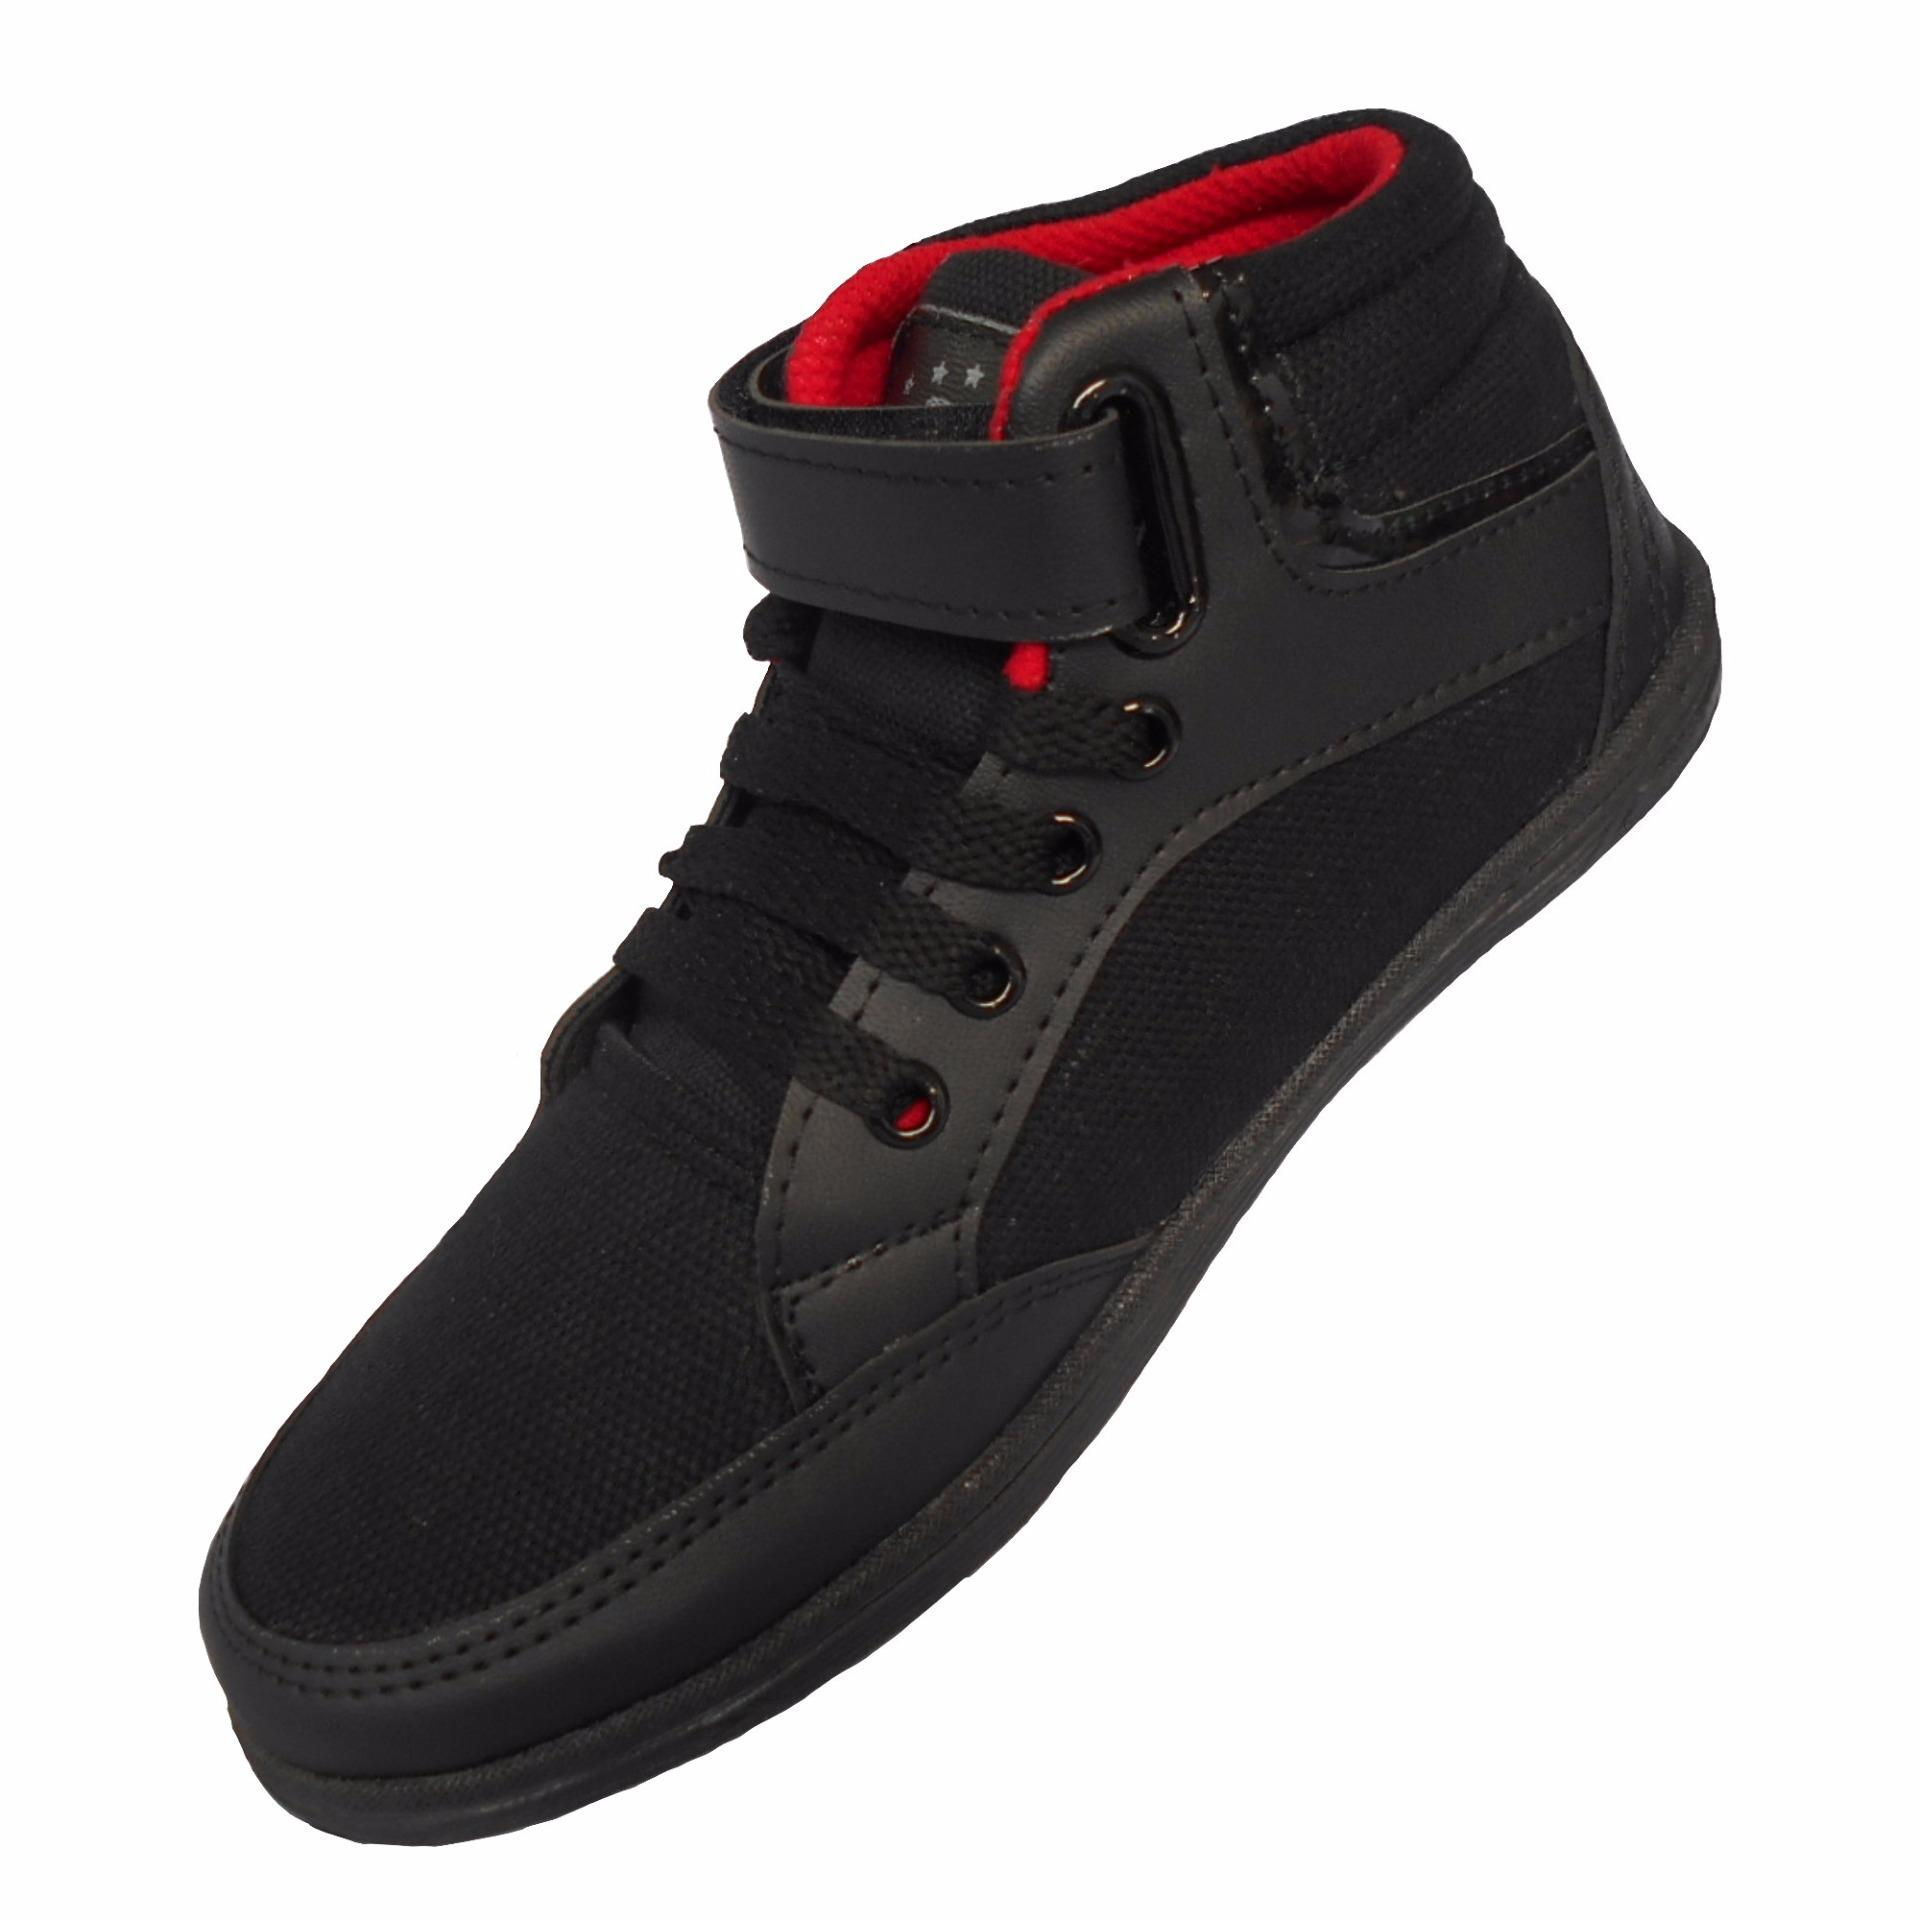 Sepatu Anak Sekolah TK SD Usia 6-10 Th - Jak3337 - Hitam 0aa7056de1